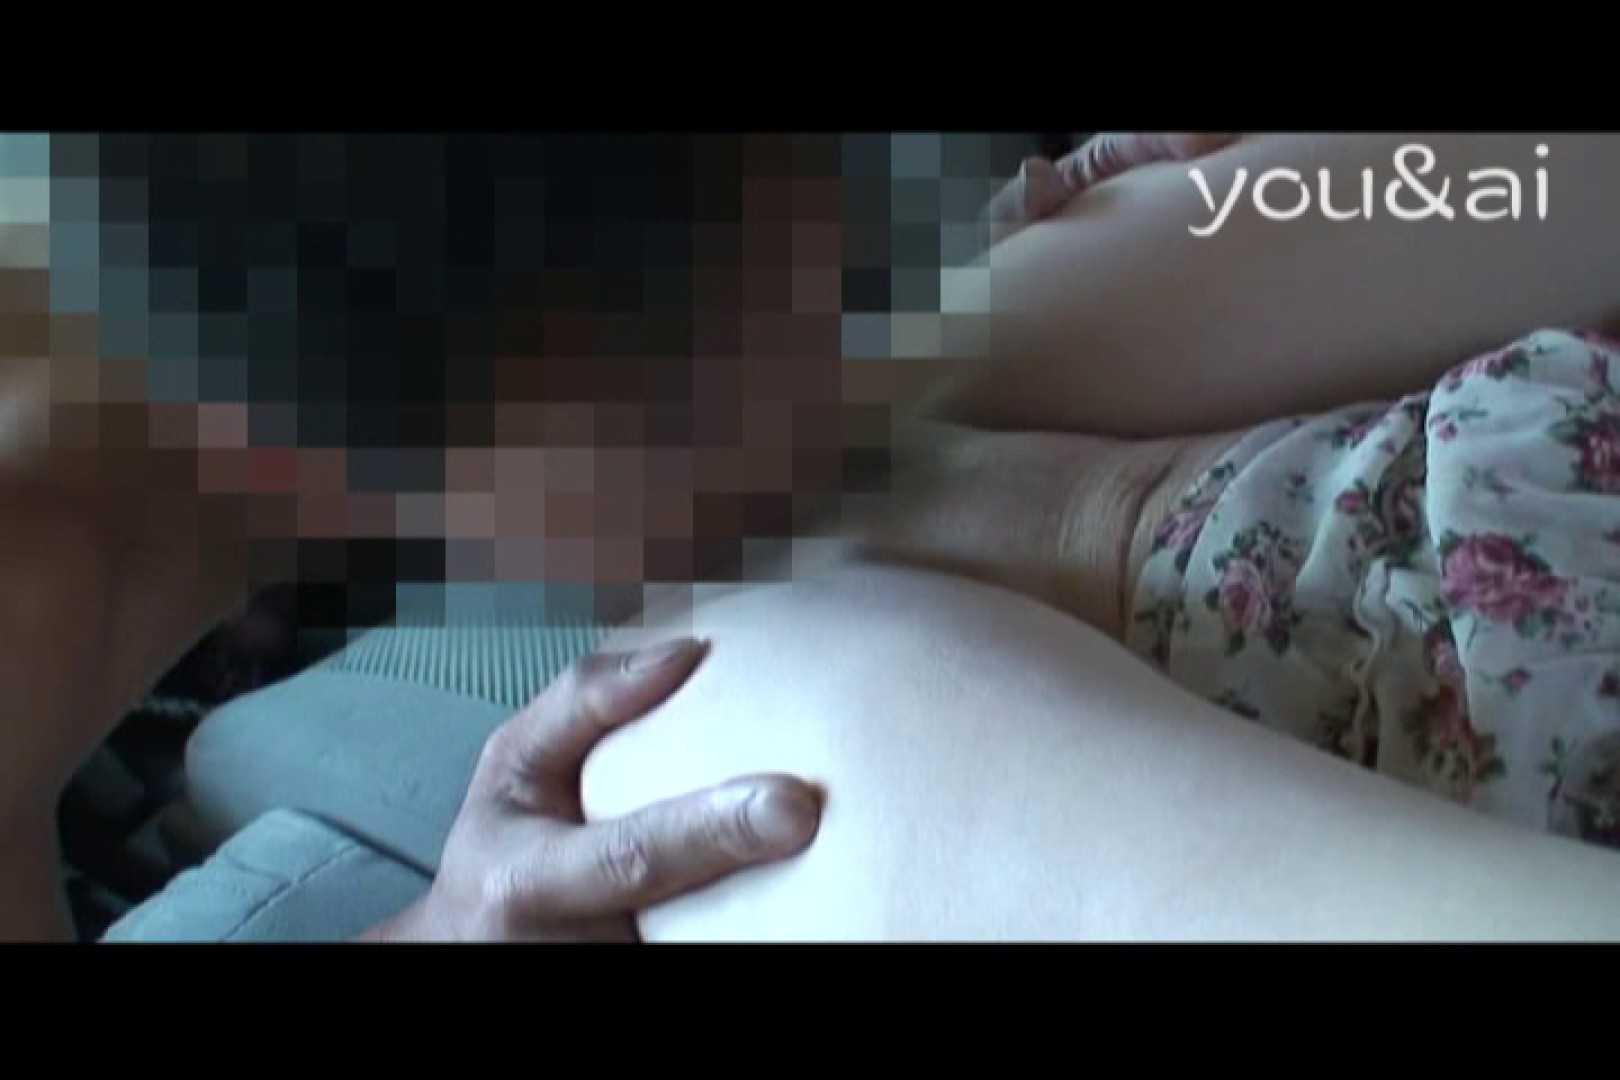 おしどり夫婦のyou&aiさん投稿作品vol.11 一般投稿  90pic 12